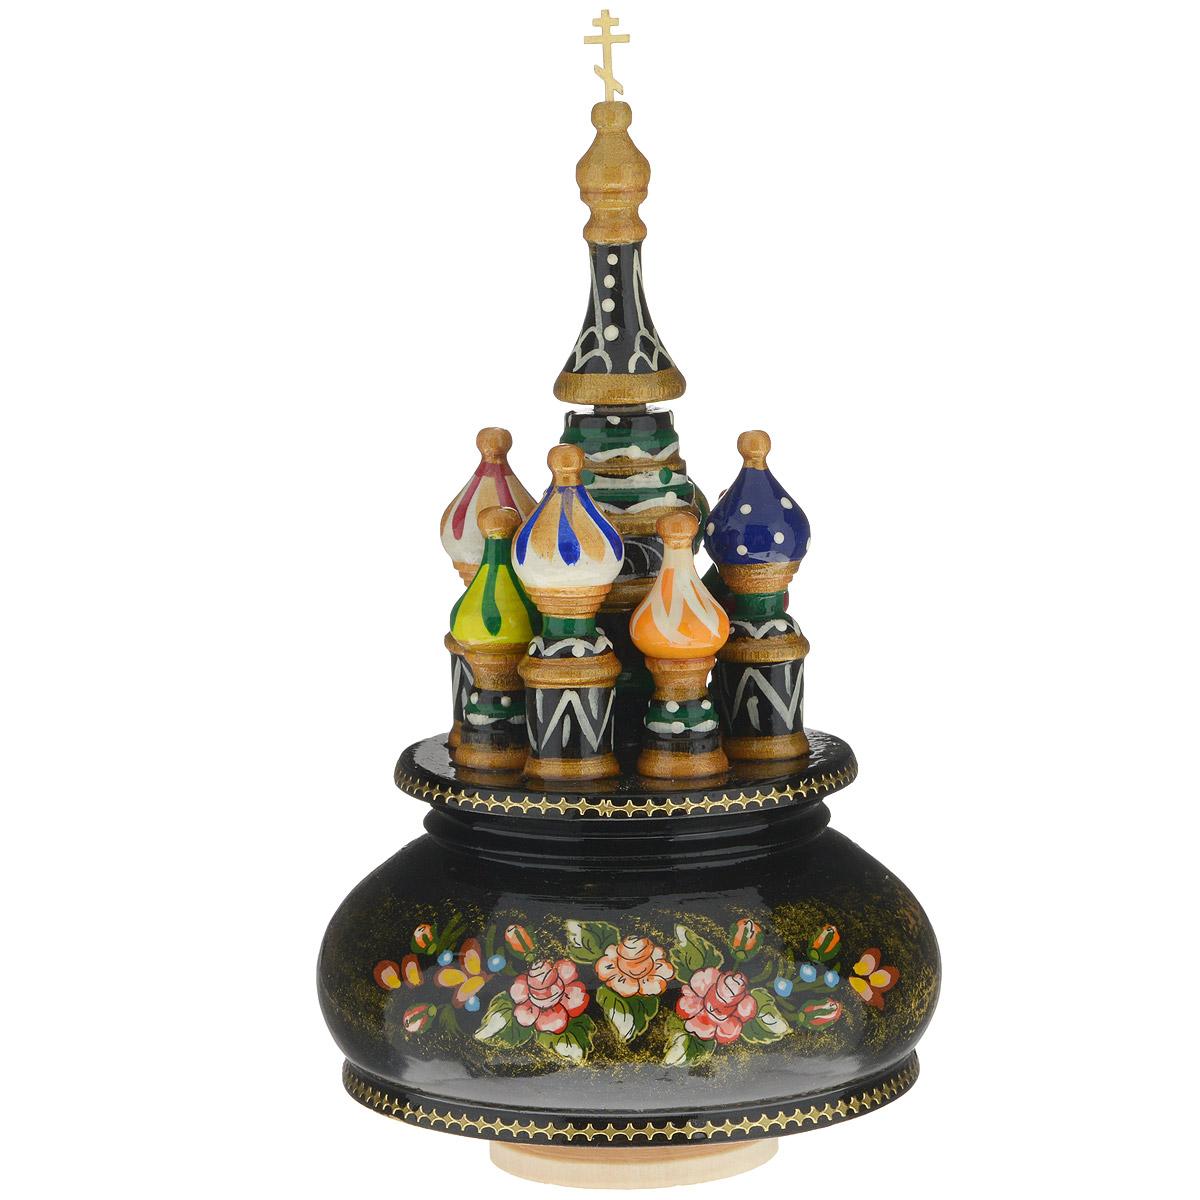 Фигурка декоративная Sima-land Храм, музыкальная, высота 21 см. 1079918 фигурка декоративная sima land мишка высота 18 см